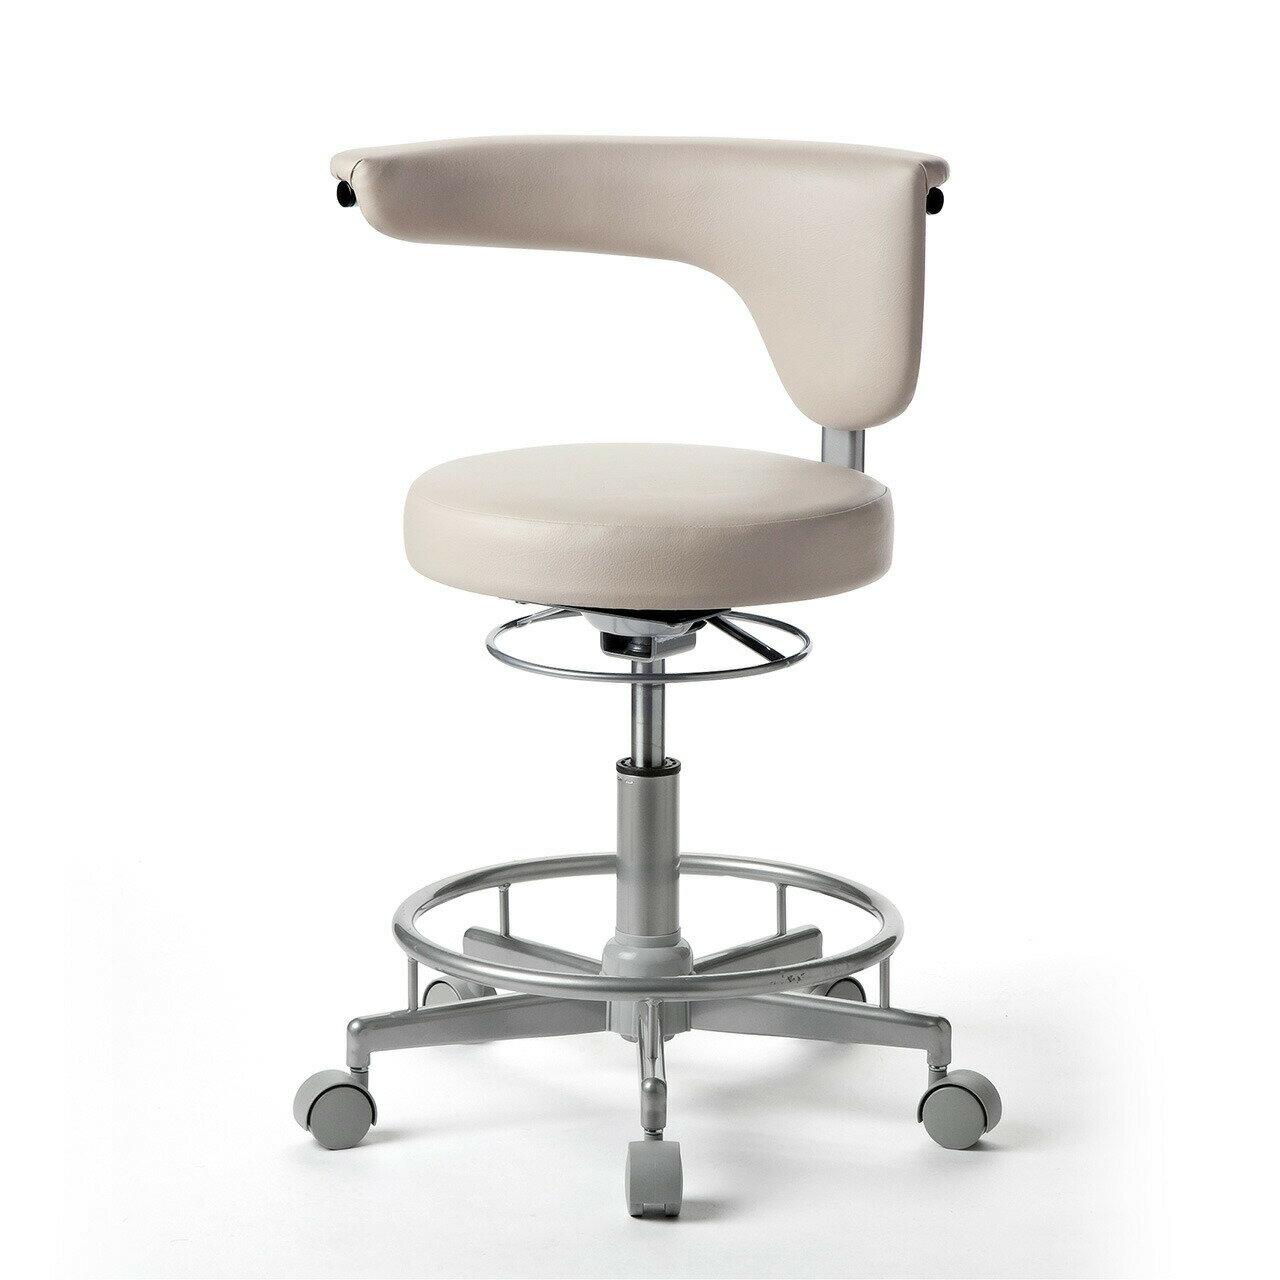 【送料無料】背もたれ付き 丸椅子 スツール PVCレザー ラウンドチェア 丸イス[100-SNC019]